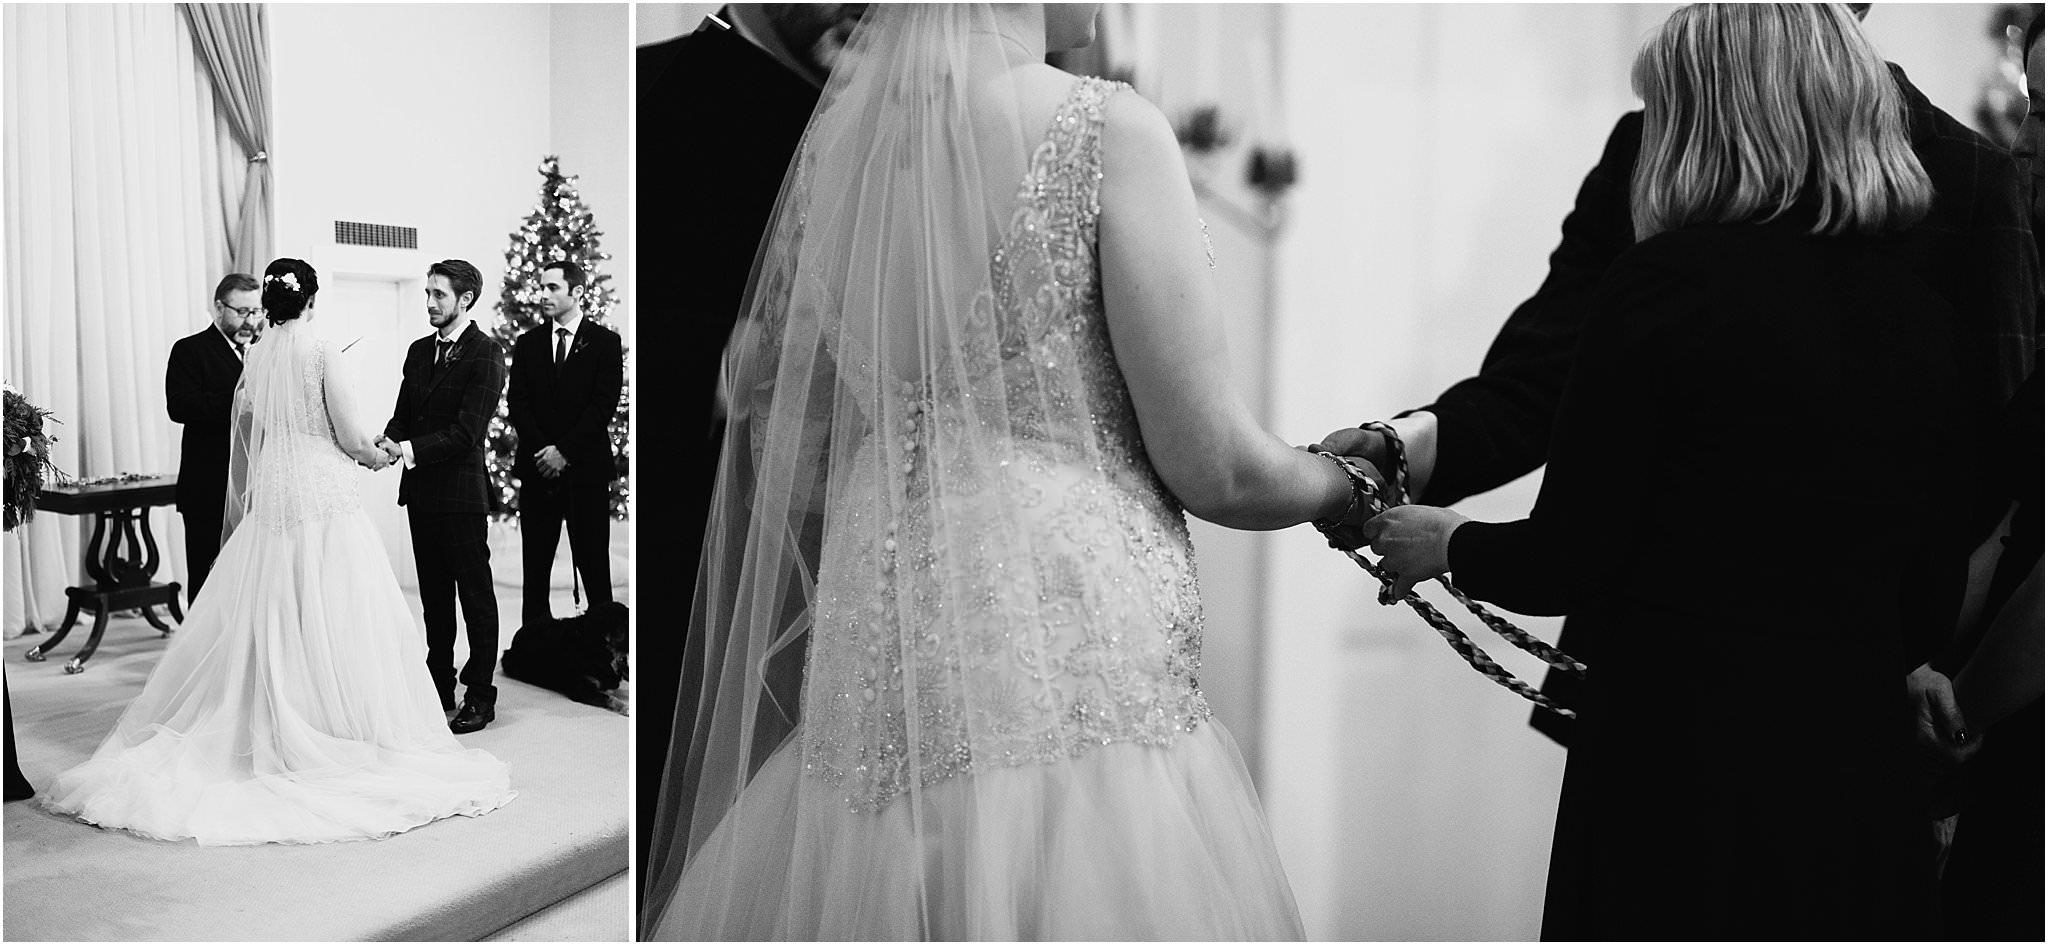 sarah-and-daves-downtown-snohomish-wedding-19.jpg